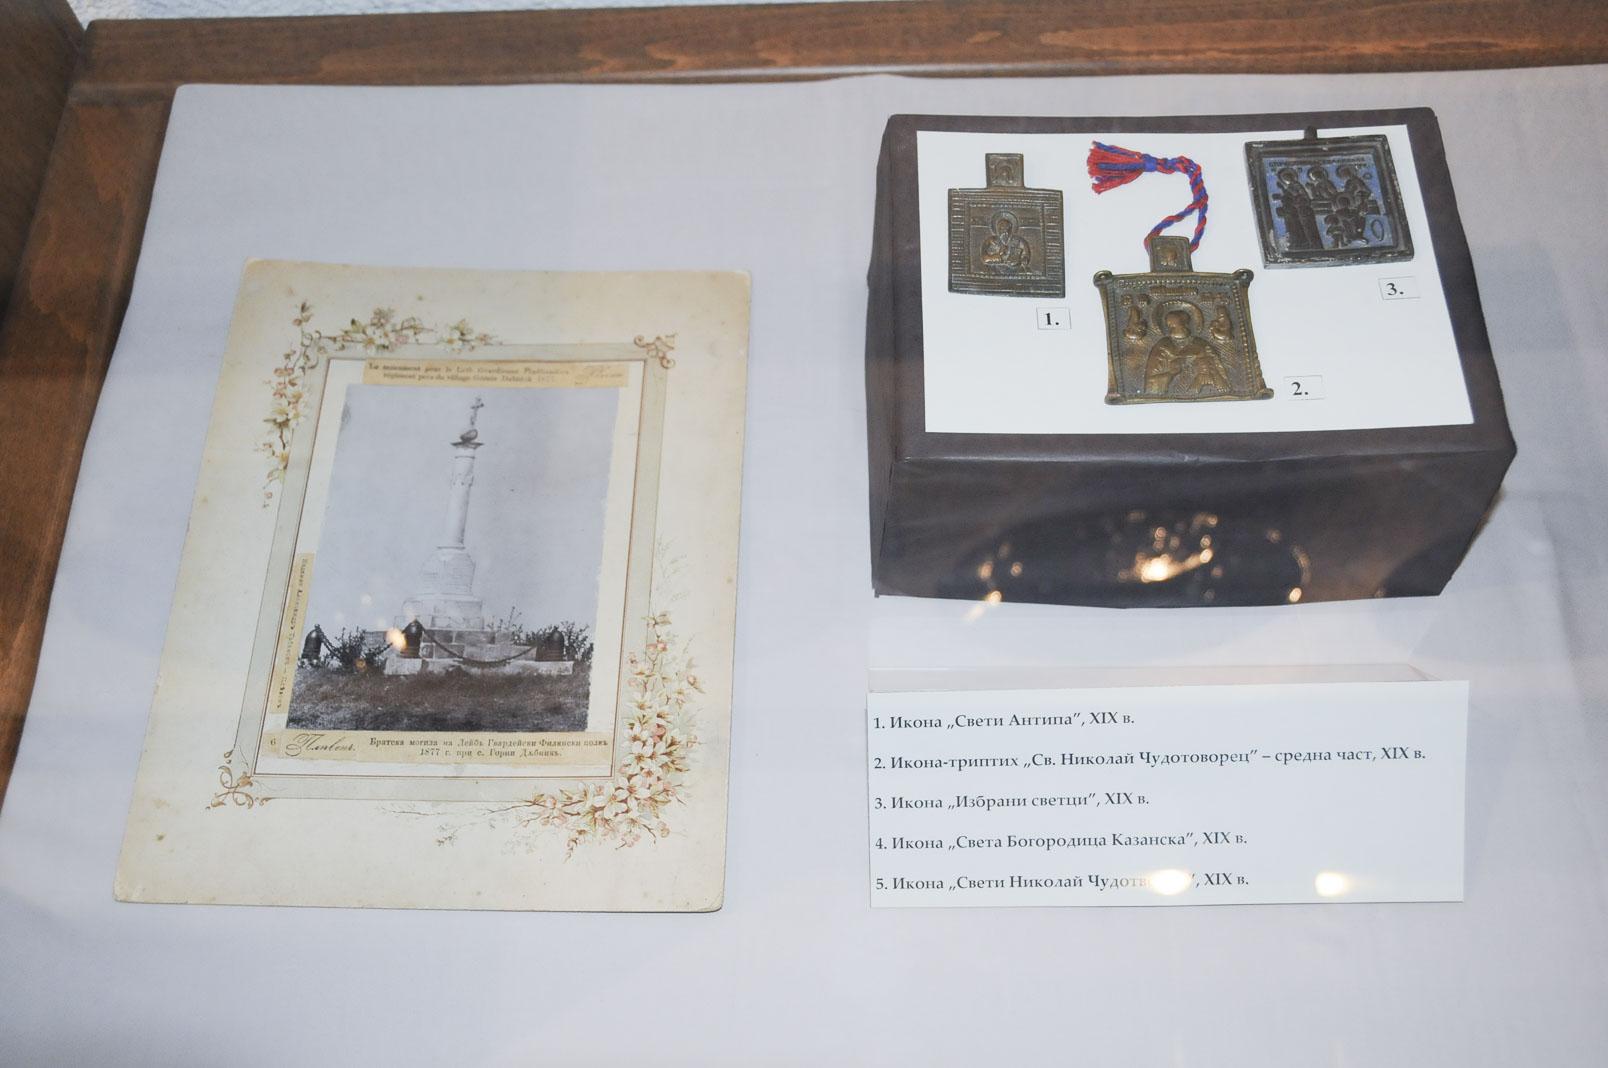 troyan-museum-osvobozhdenieto-3ti-mart-21